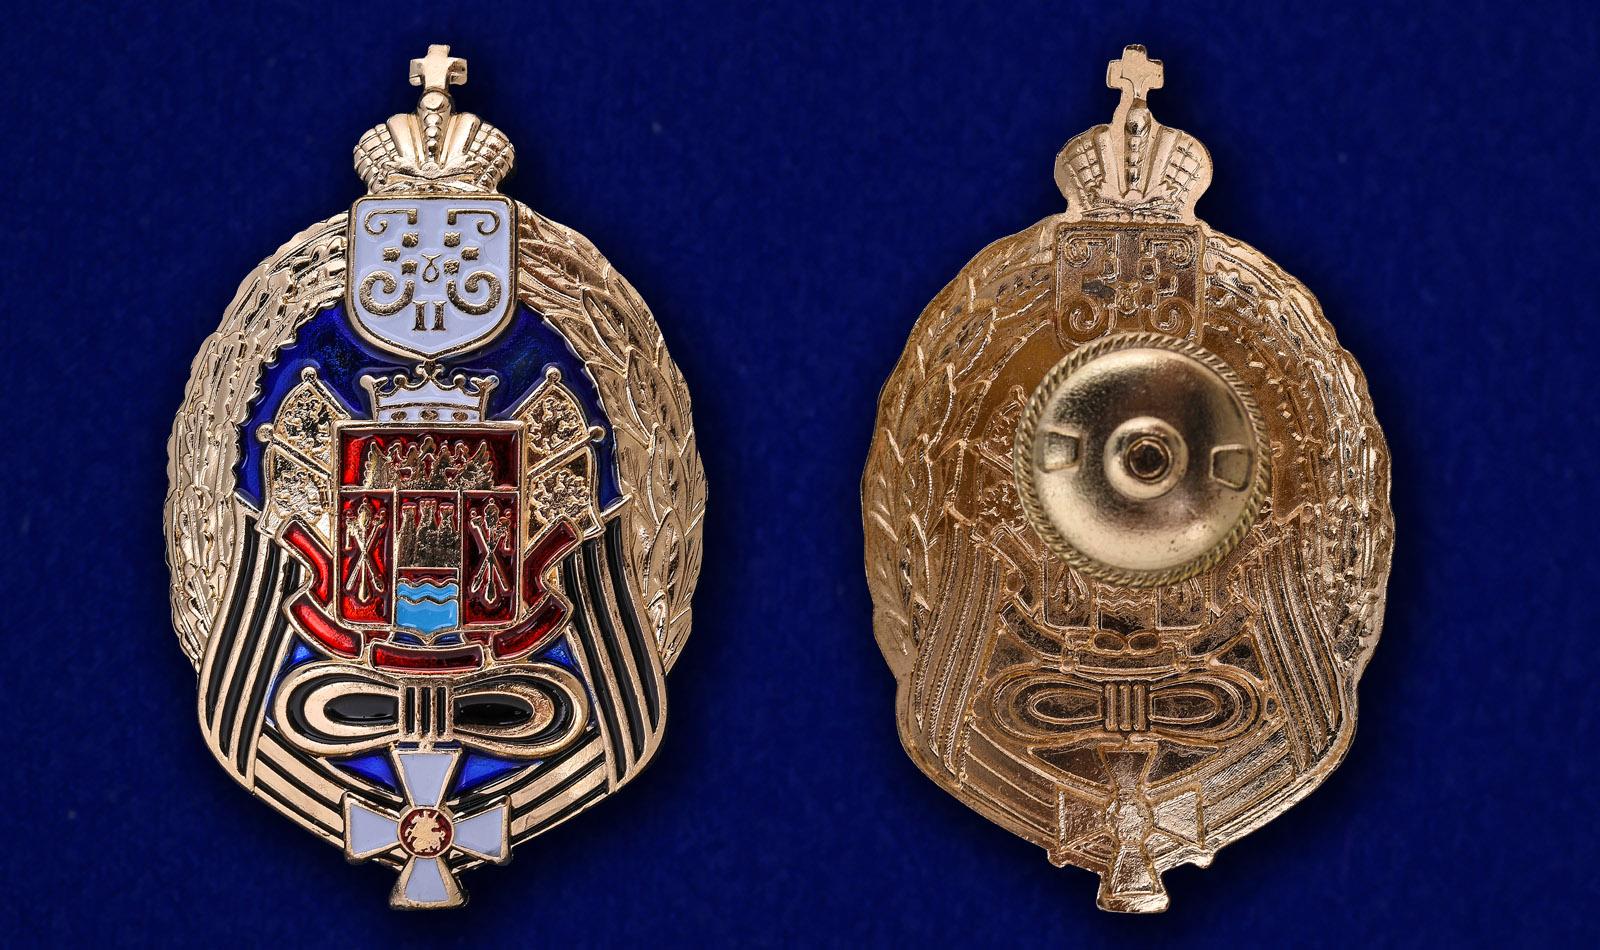 Знак Всевеликого войска Донского в красивом бархатистом футляре из флока - аверс и реверс